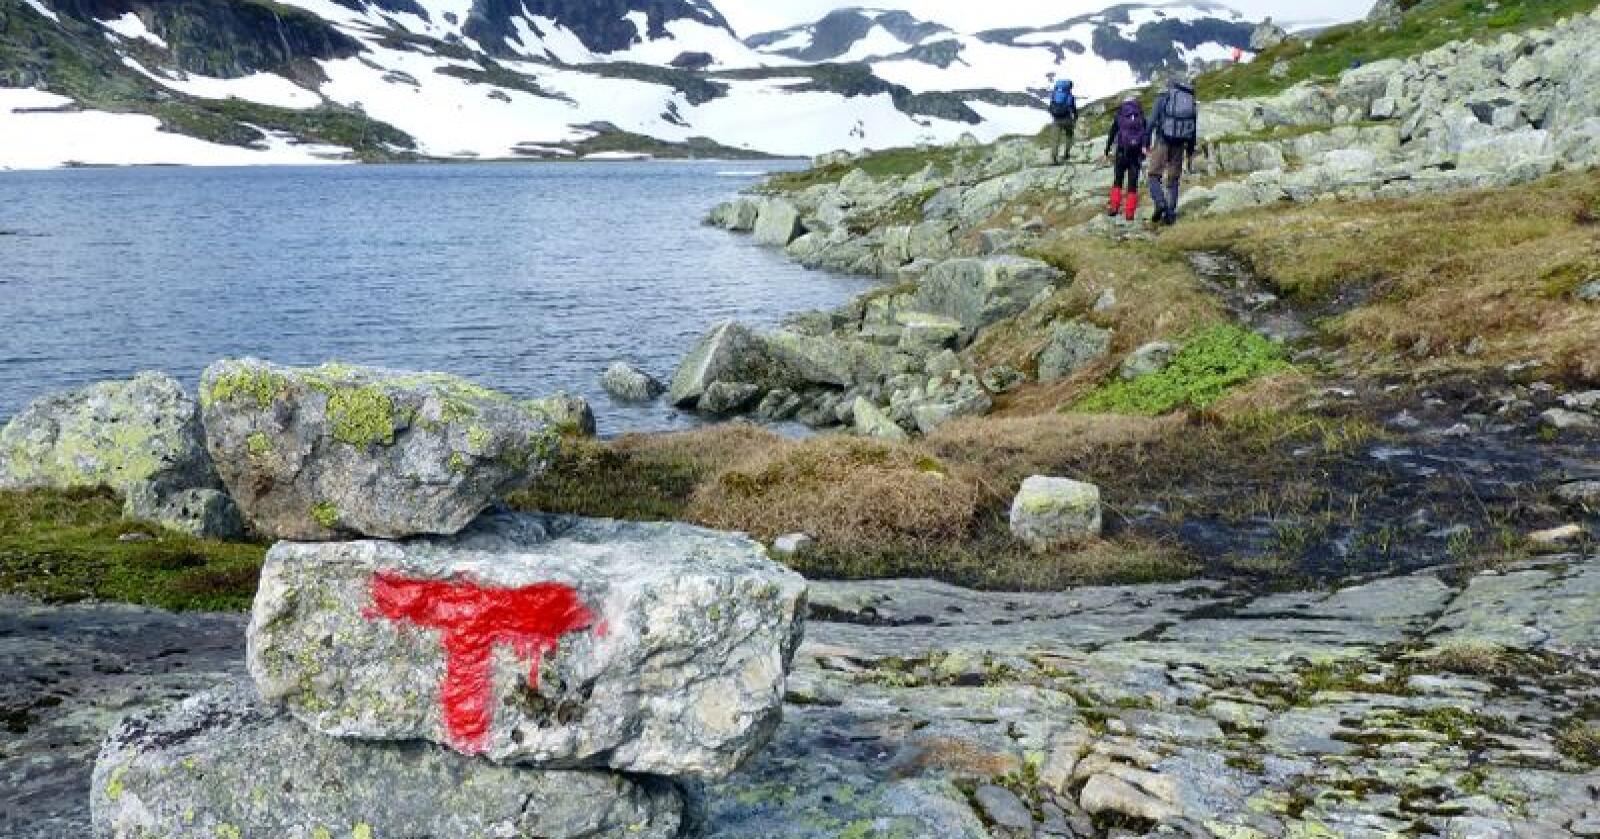 Turistforeningen viser vei i fjellet, men ikke alle gjør opp etter seg når de har overnattet på turlagenes hytter. Foto: Paul Kleiven / NTB scanpix